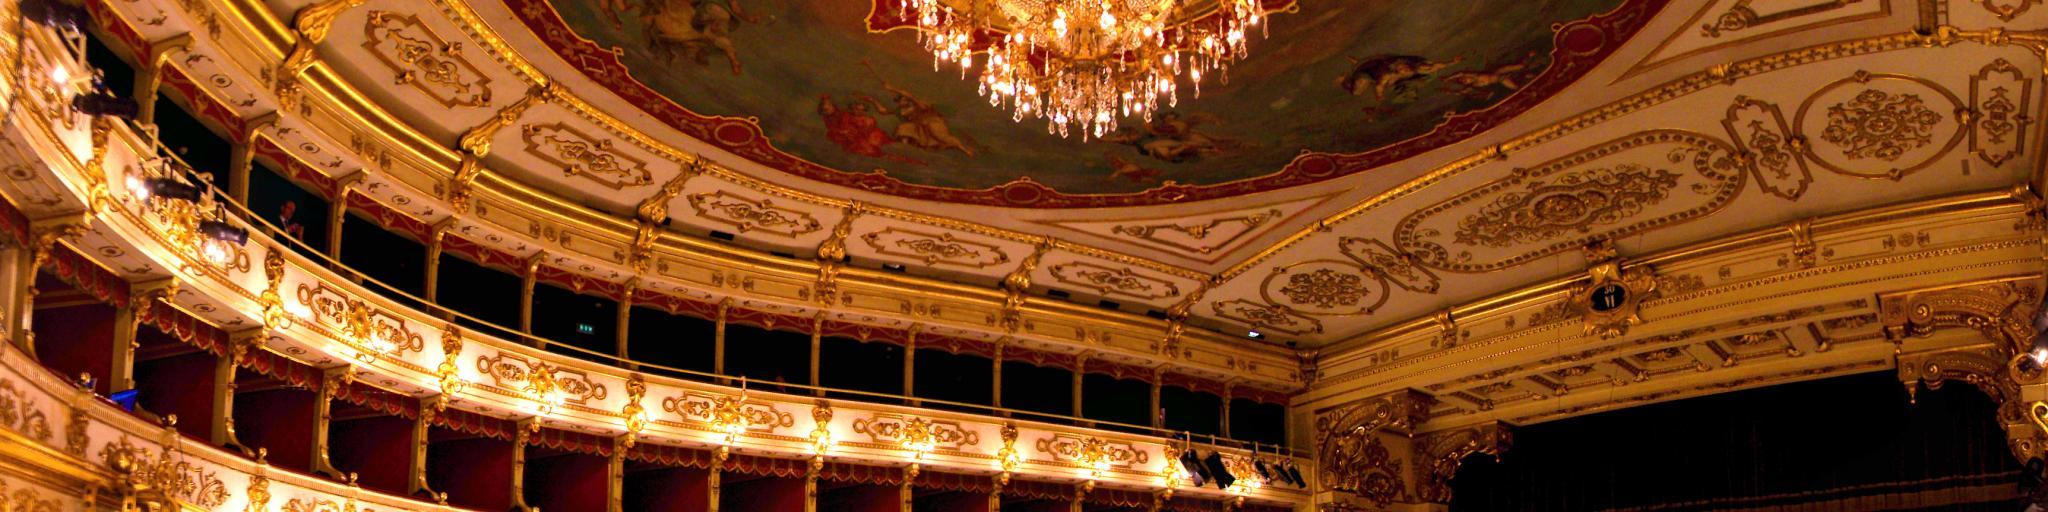 Teatro Regio, Parma, Italy